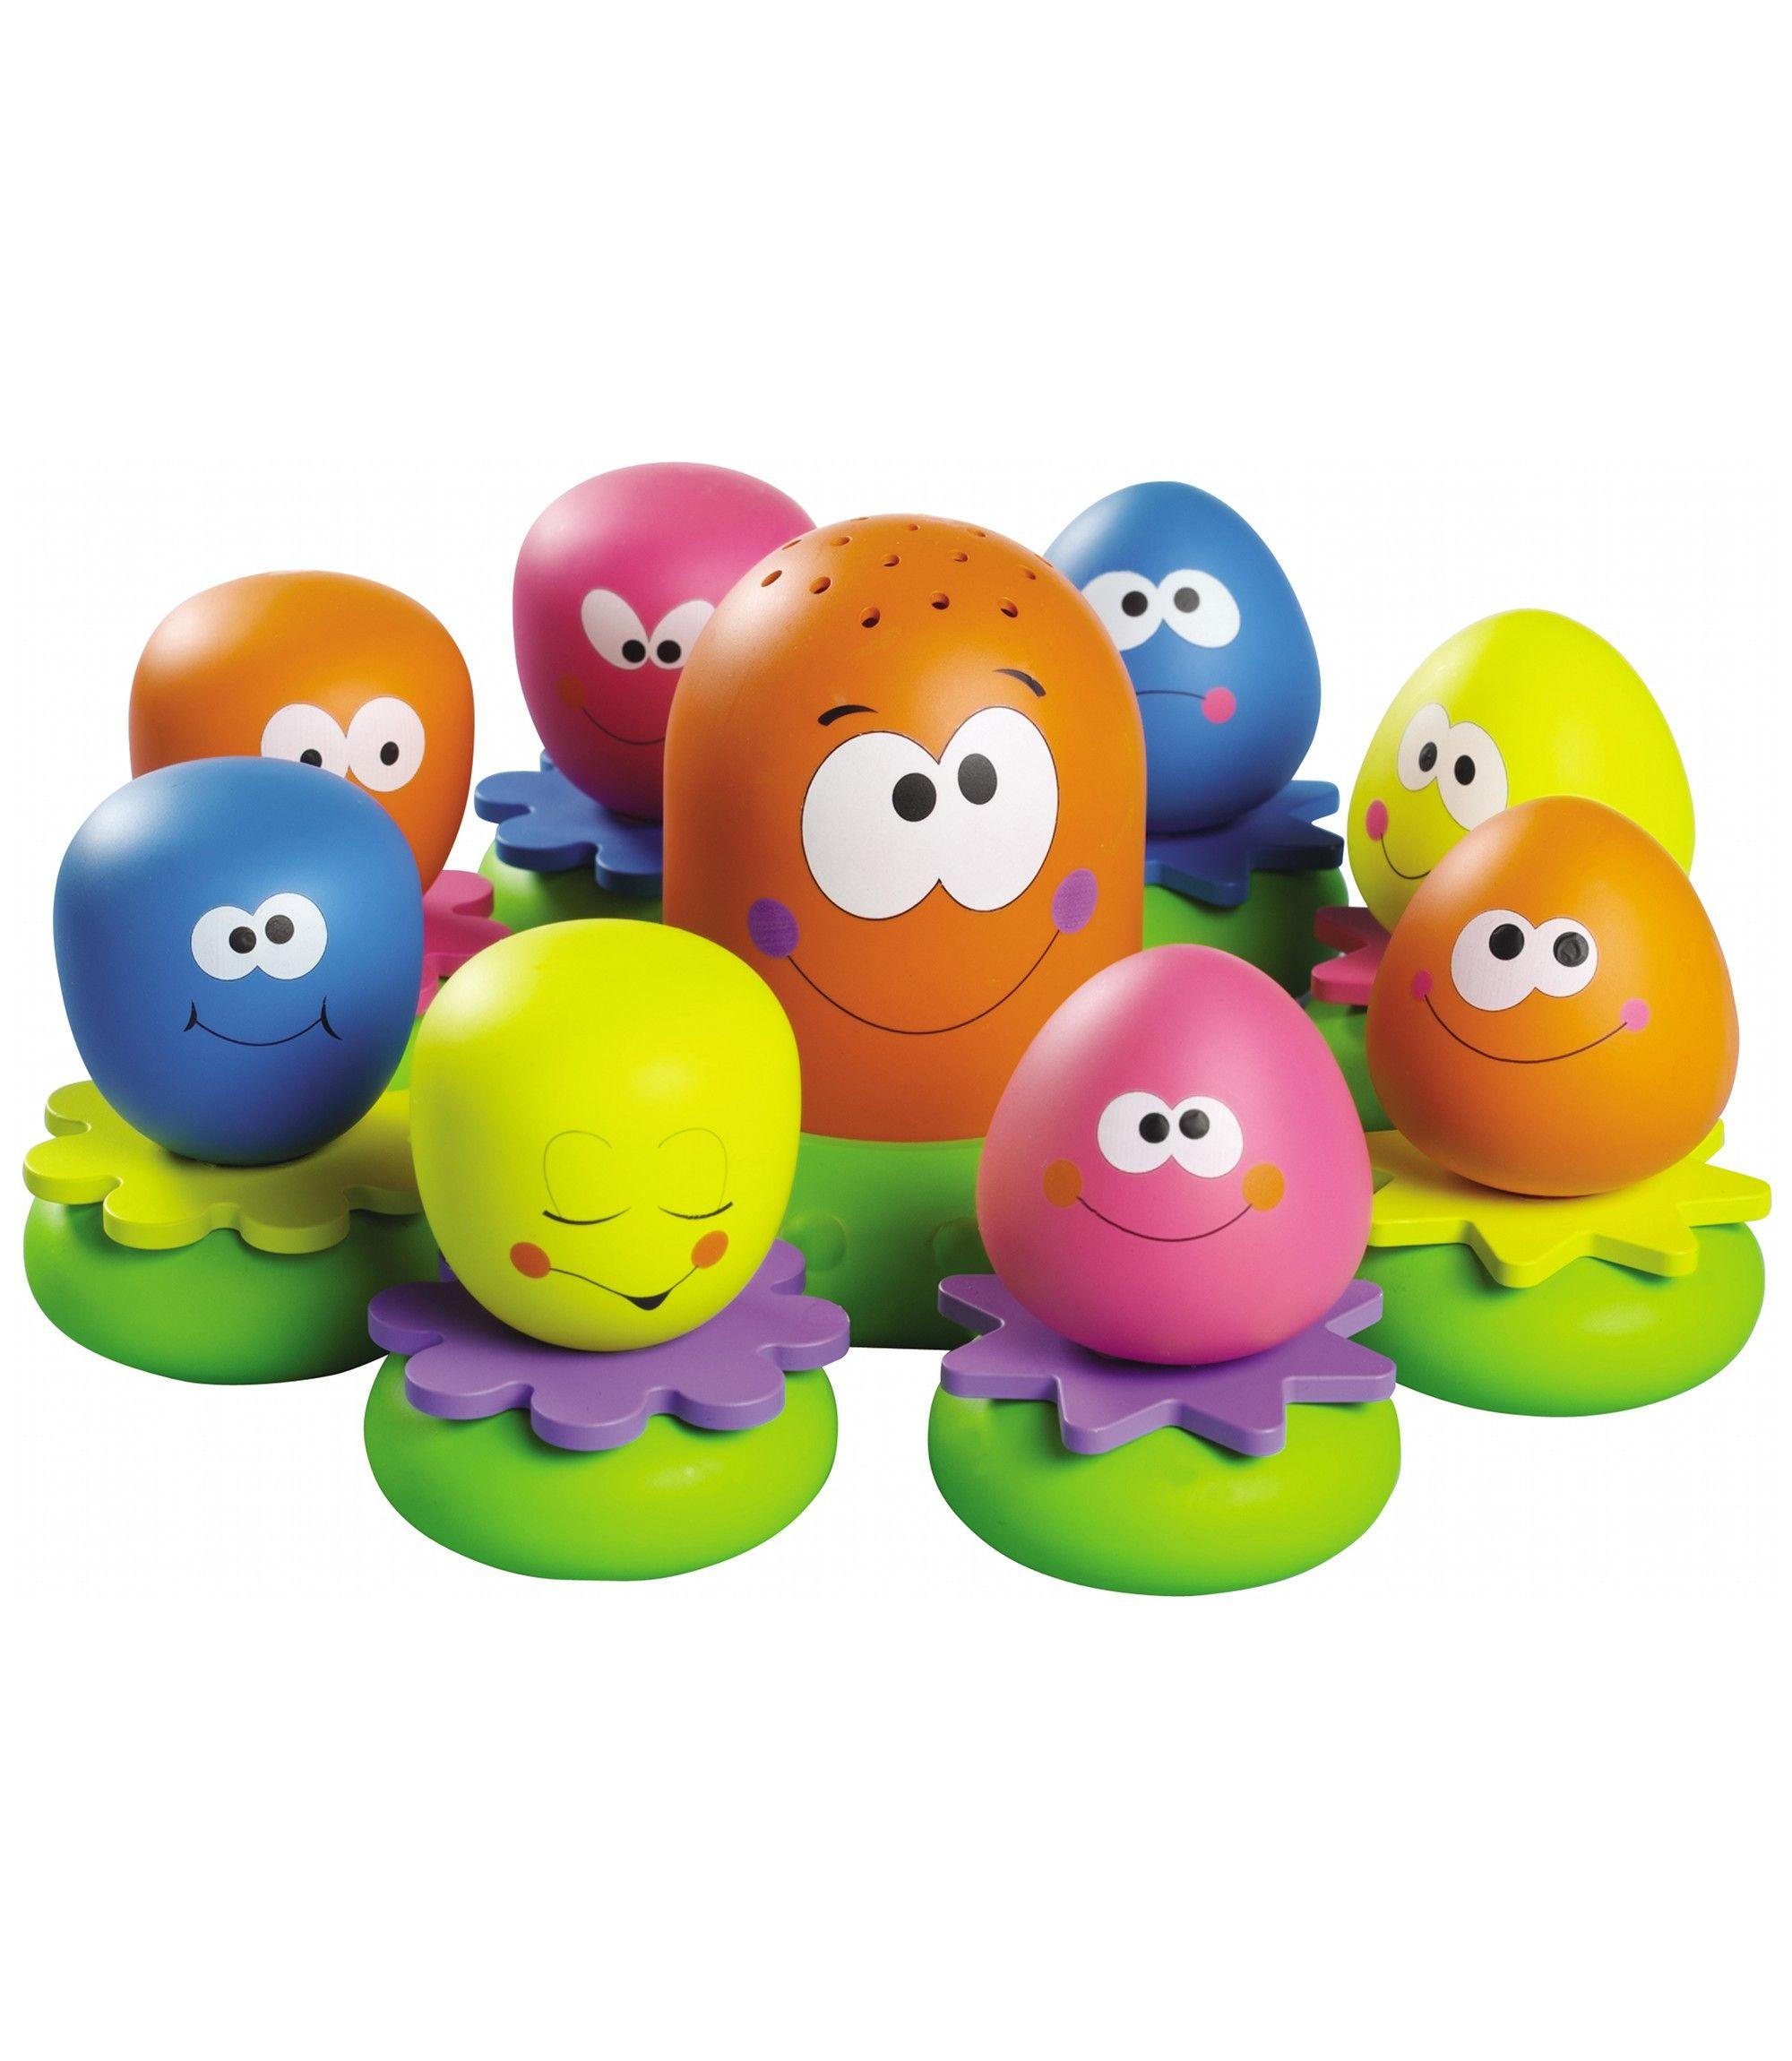 Tomy Octopals Bath Toy 1 Jpg Juguetes Para Bano Juguetes Para